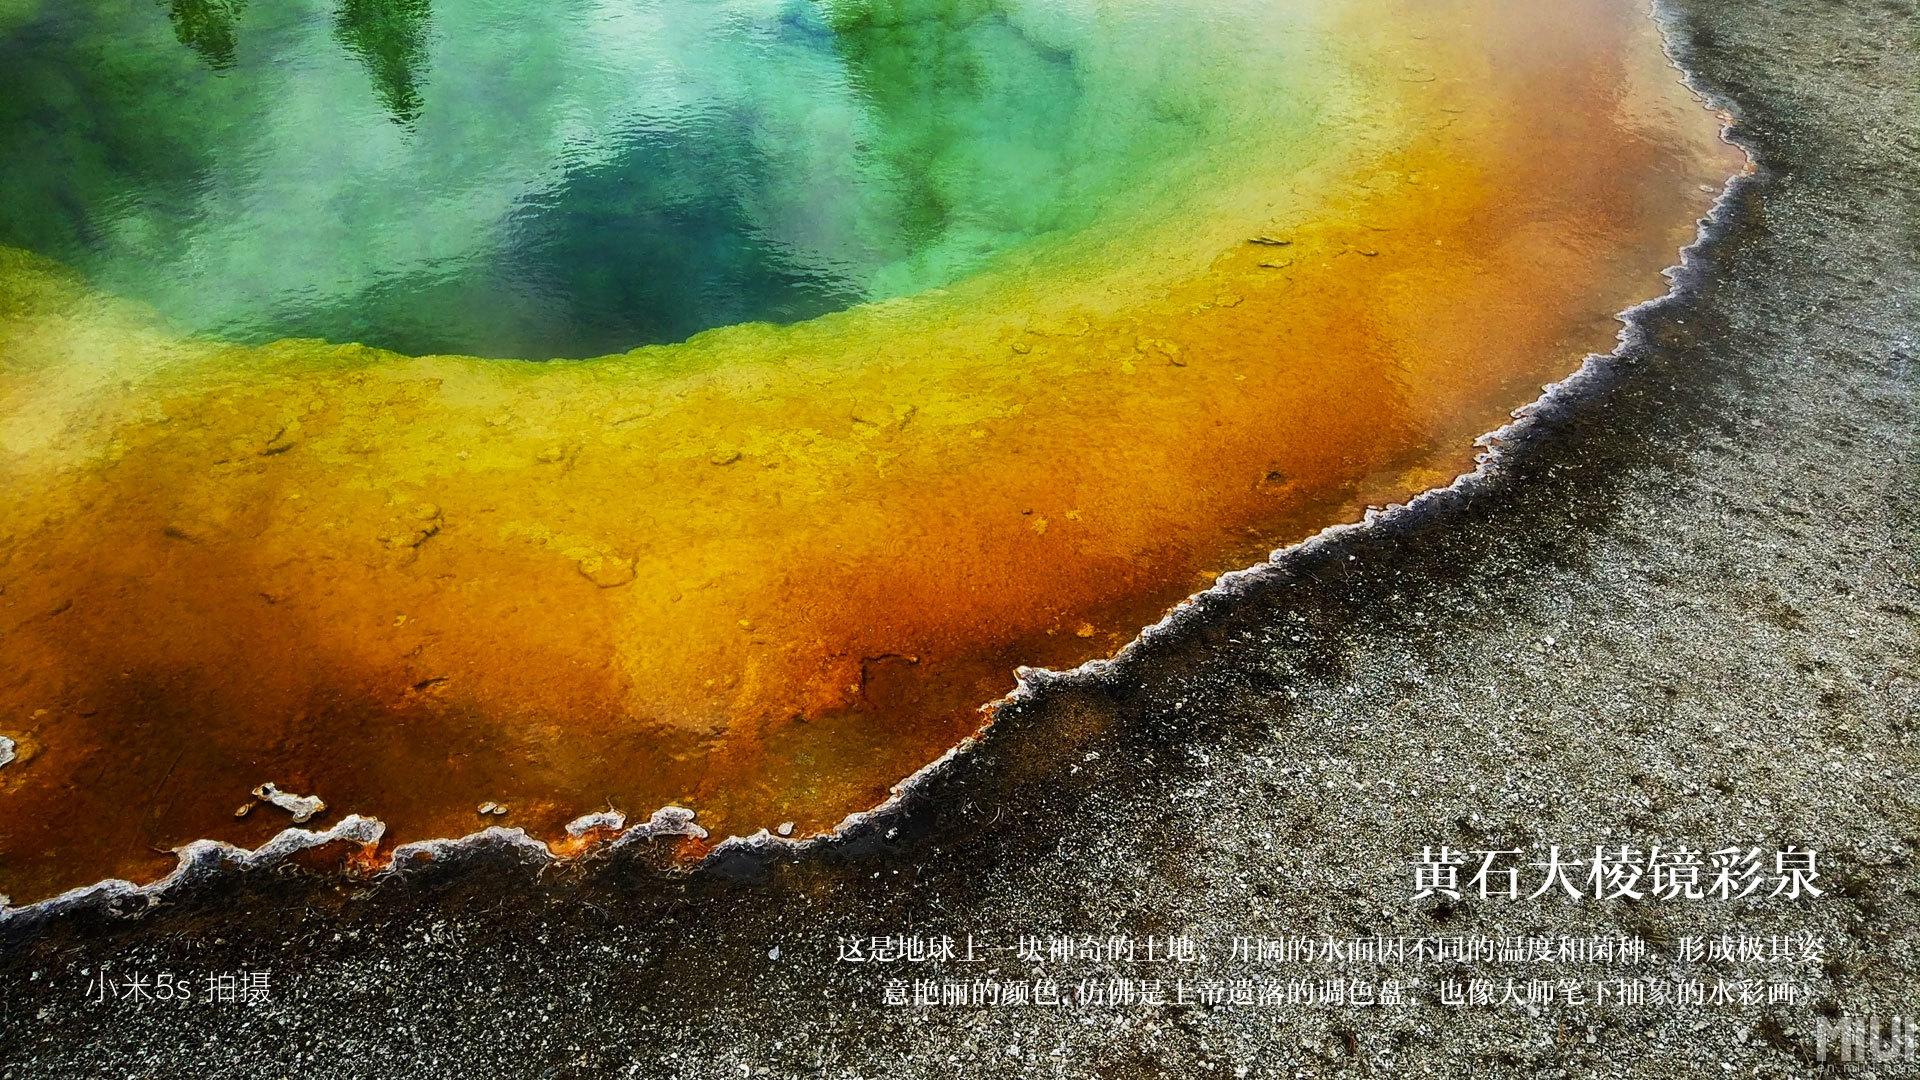 Fotos oficiales con el Xiaomi Mi 5s